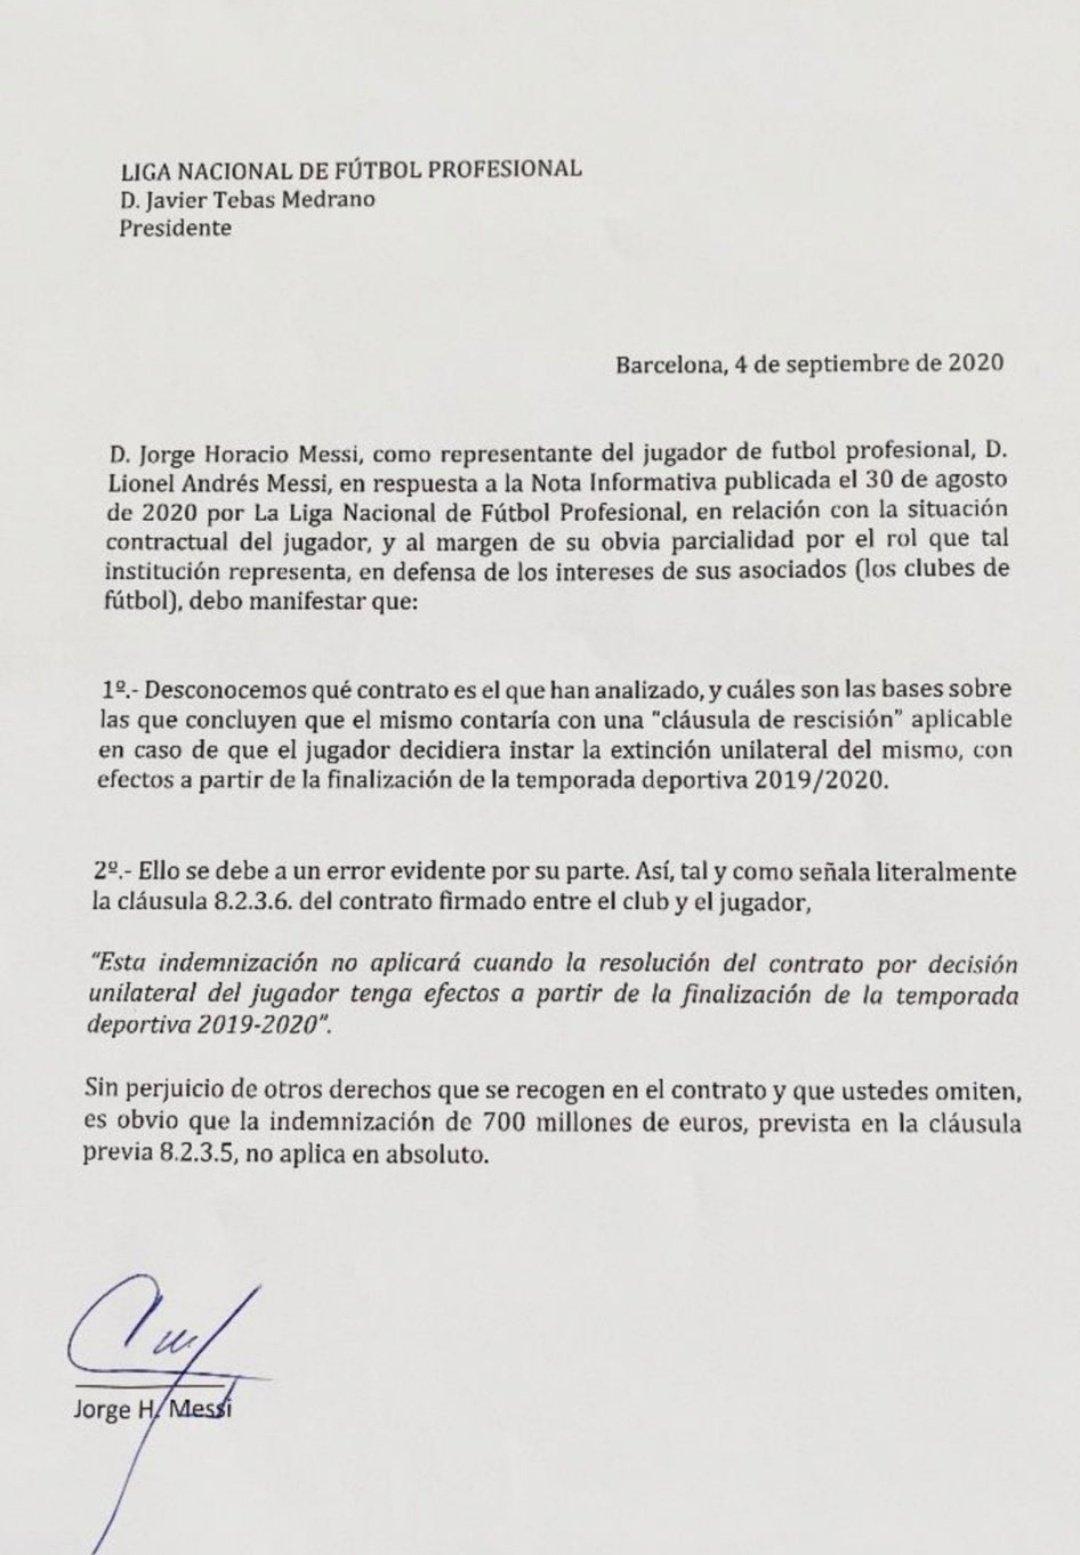 จดหมายของ ฮอร์เก ที่ชี้แจงกับ ลา ลีกา ว่าค่าฉีกสัญญาของ ลิโอเนล เมสซี ไม่มีผลบังคับใช้แล้ว